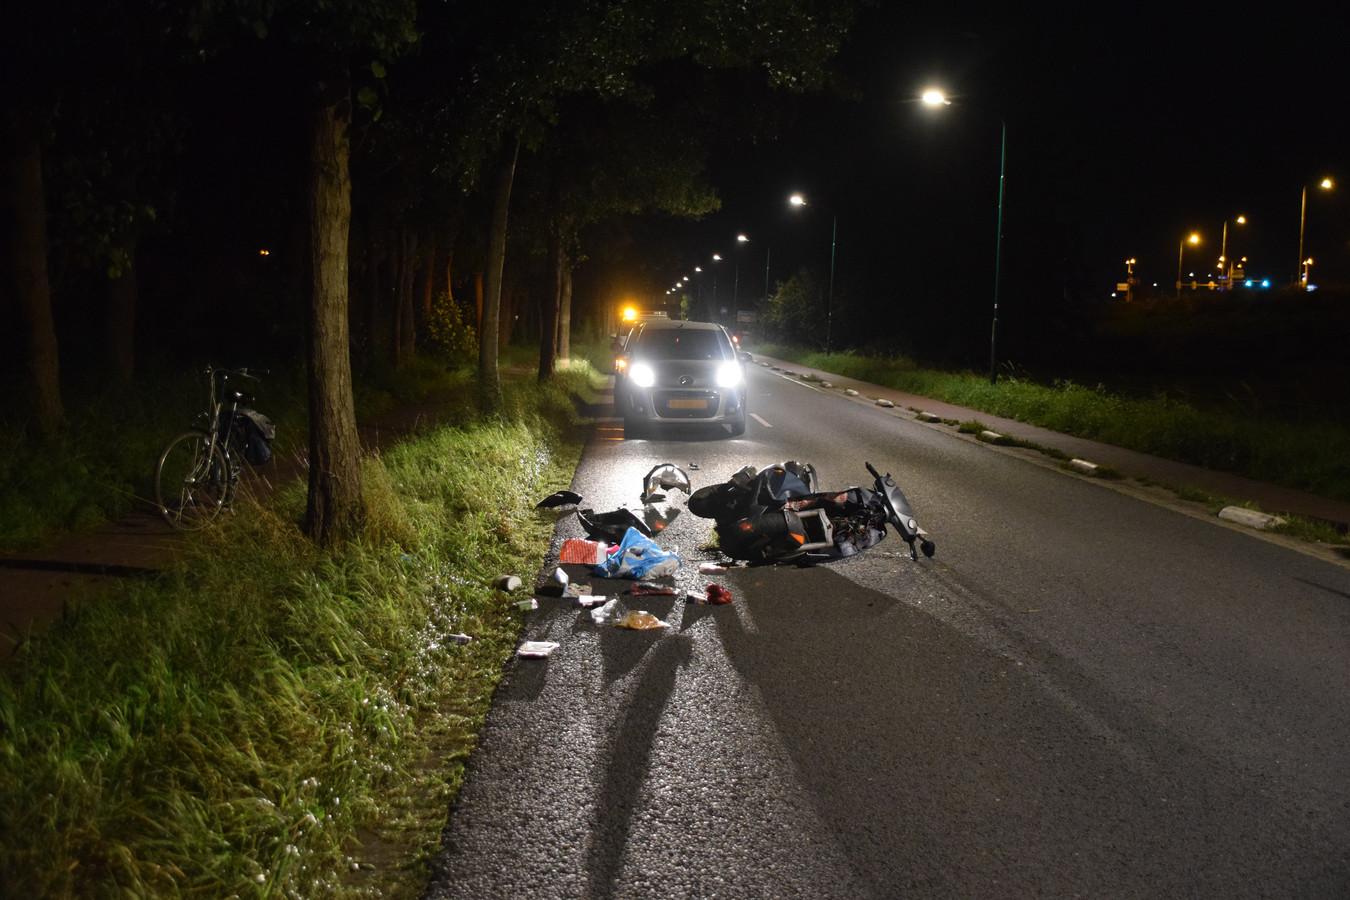 De scooter raakte flink beschadigd bij het ongeluk.